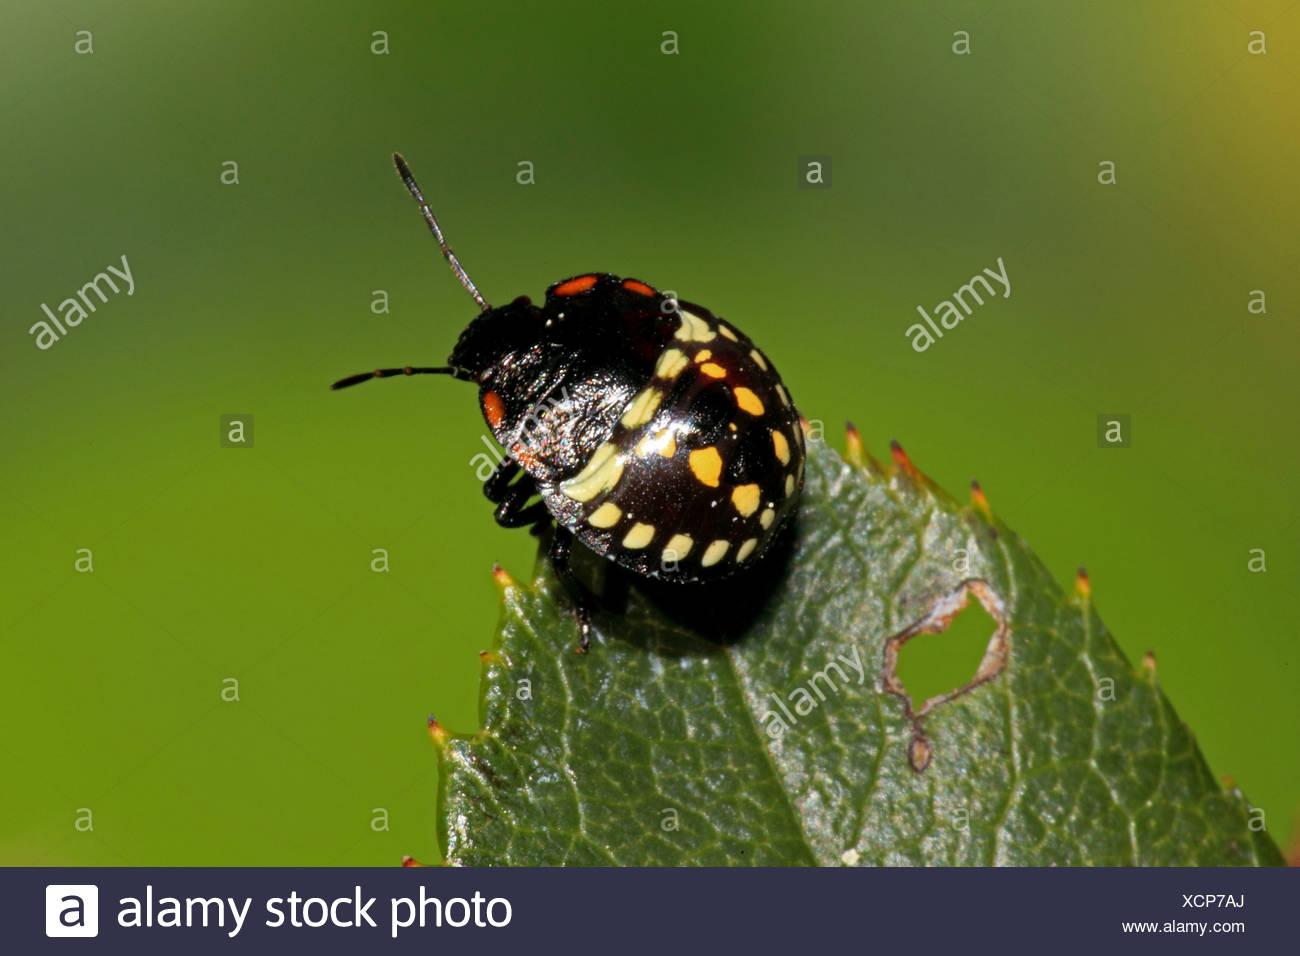 14-spot mariquita (Propylea quatuordecimpunctata), sentada sobre una hoja, Alemania Imagen De Stock